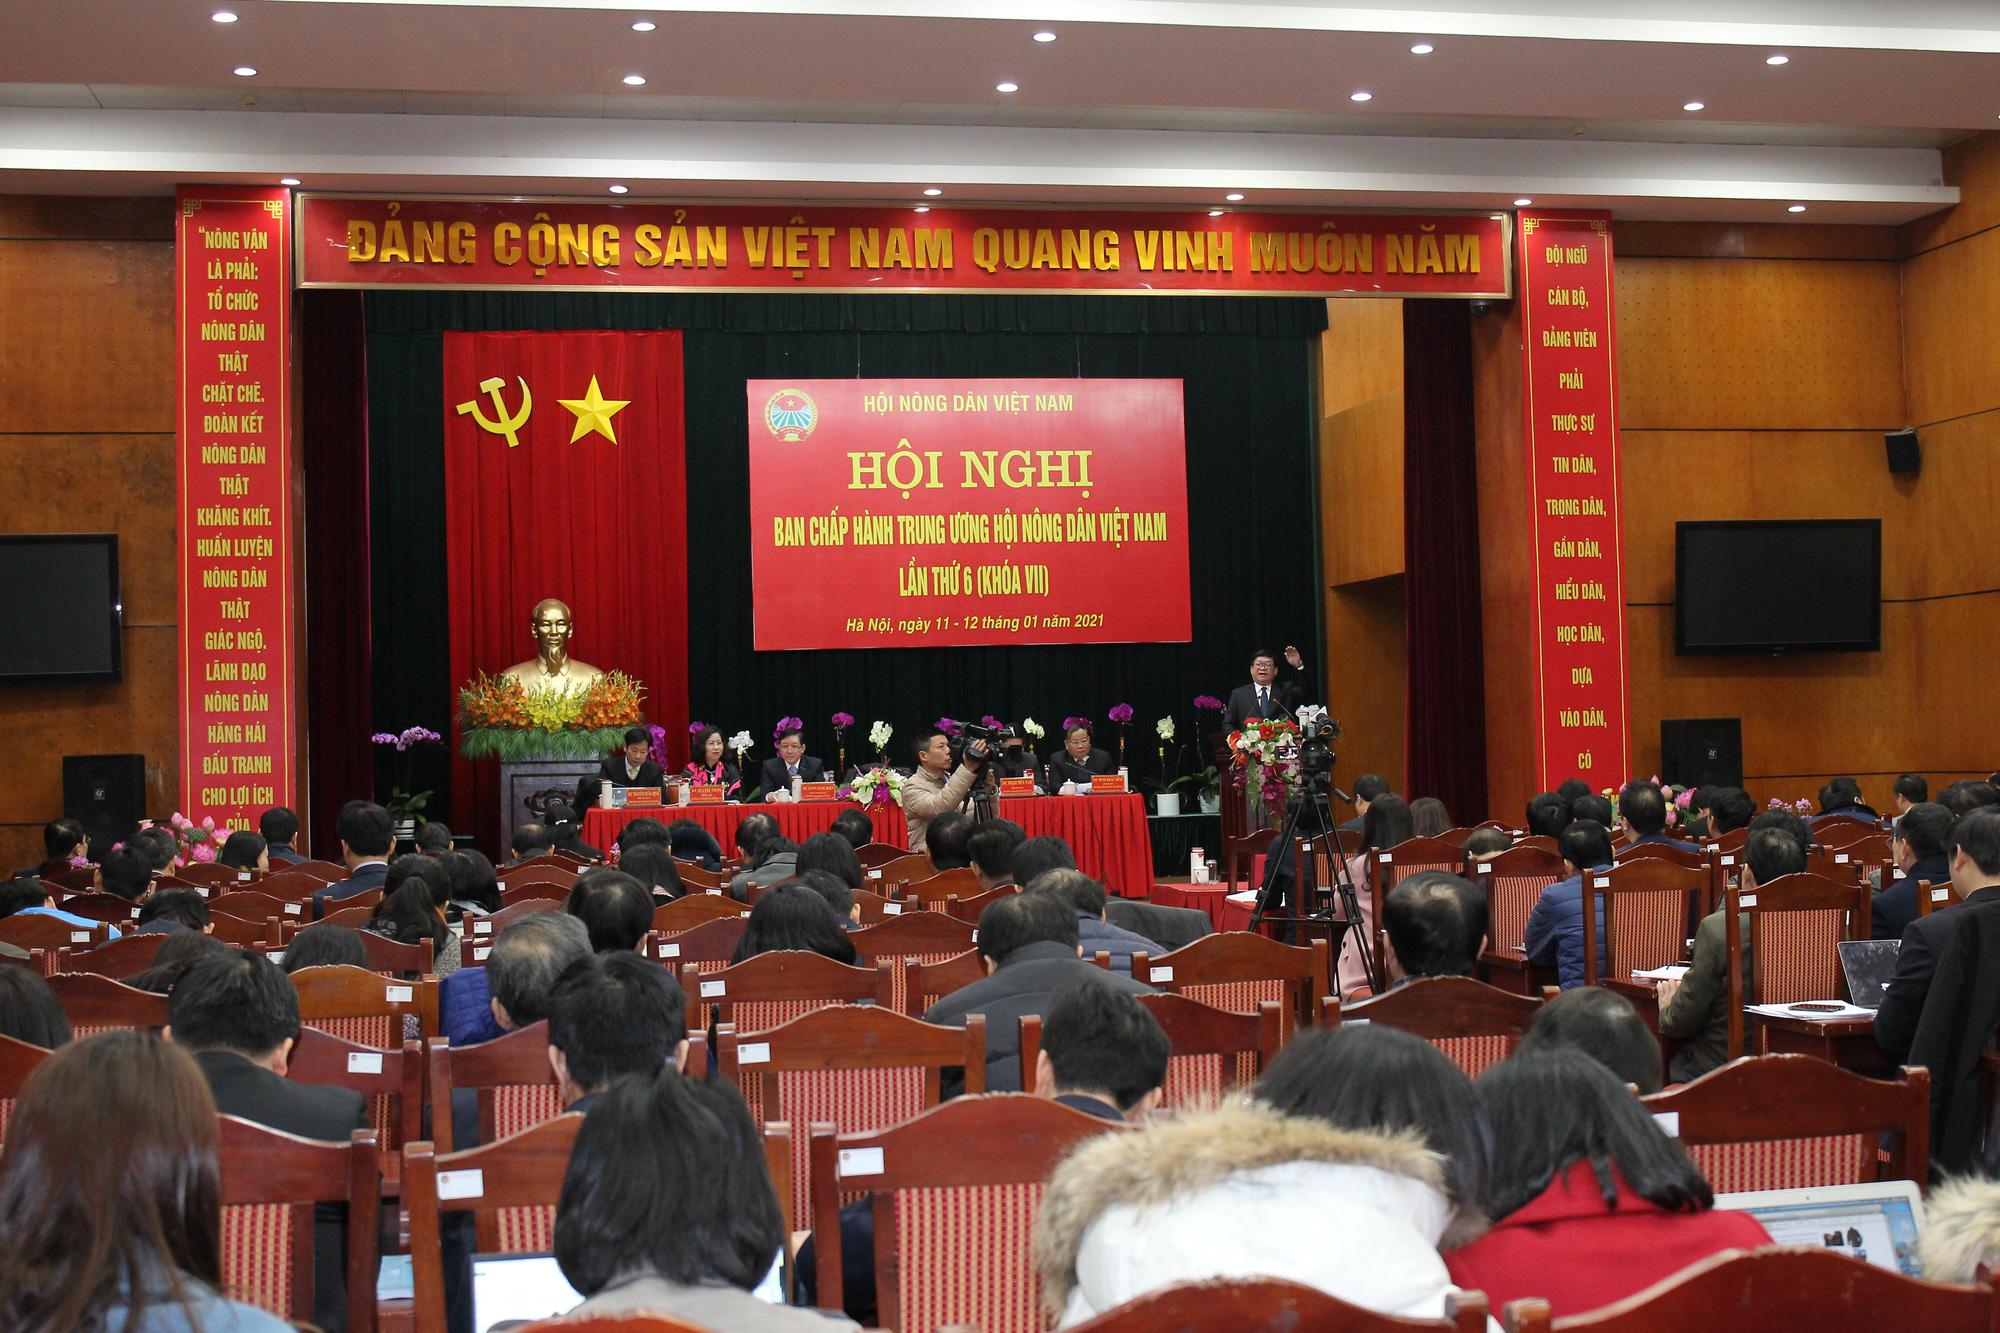 """Chủ tịch Hội NDVN Thào Xuân Sùng: Thay đổi tư duy sản xuất nông nghiệp, thúc đẩy mối liên kết """"6 nhà"""" - Ảnh 2."""